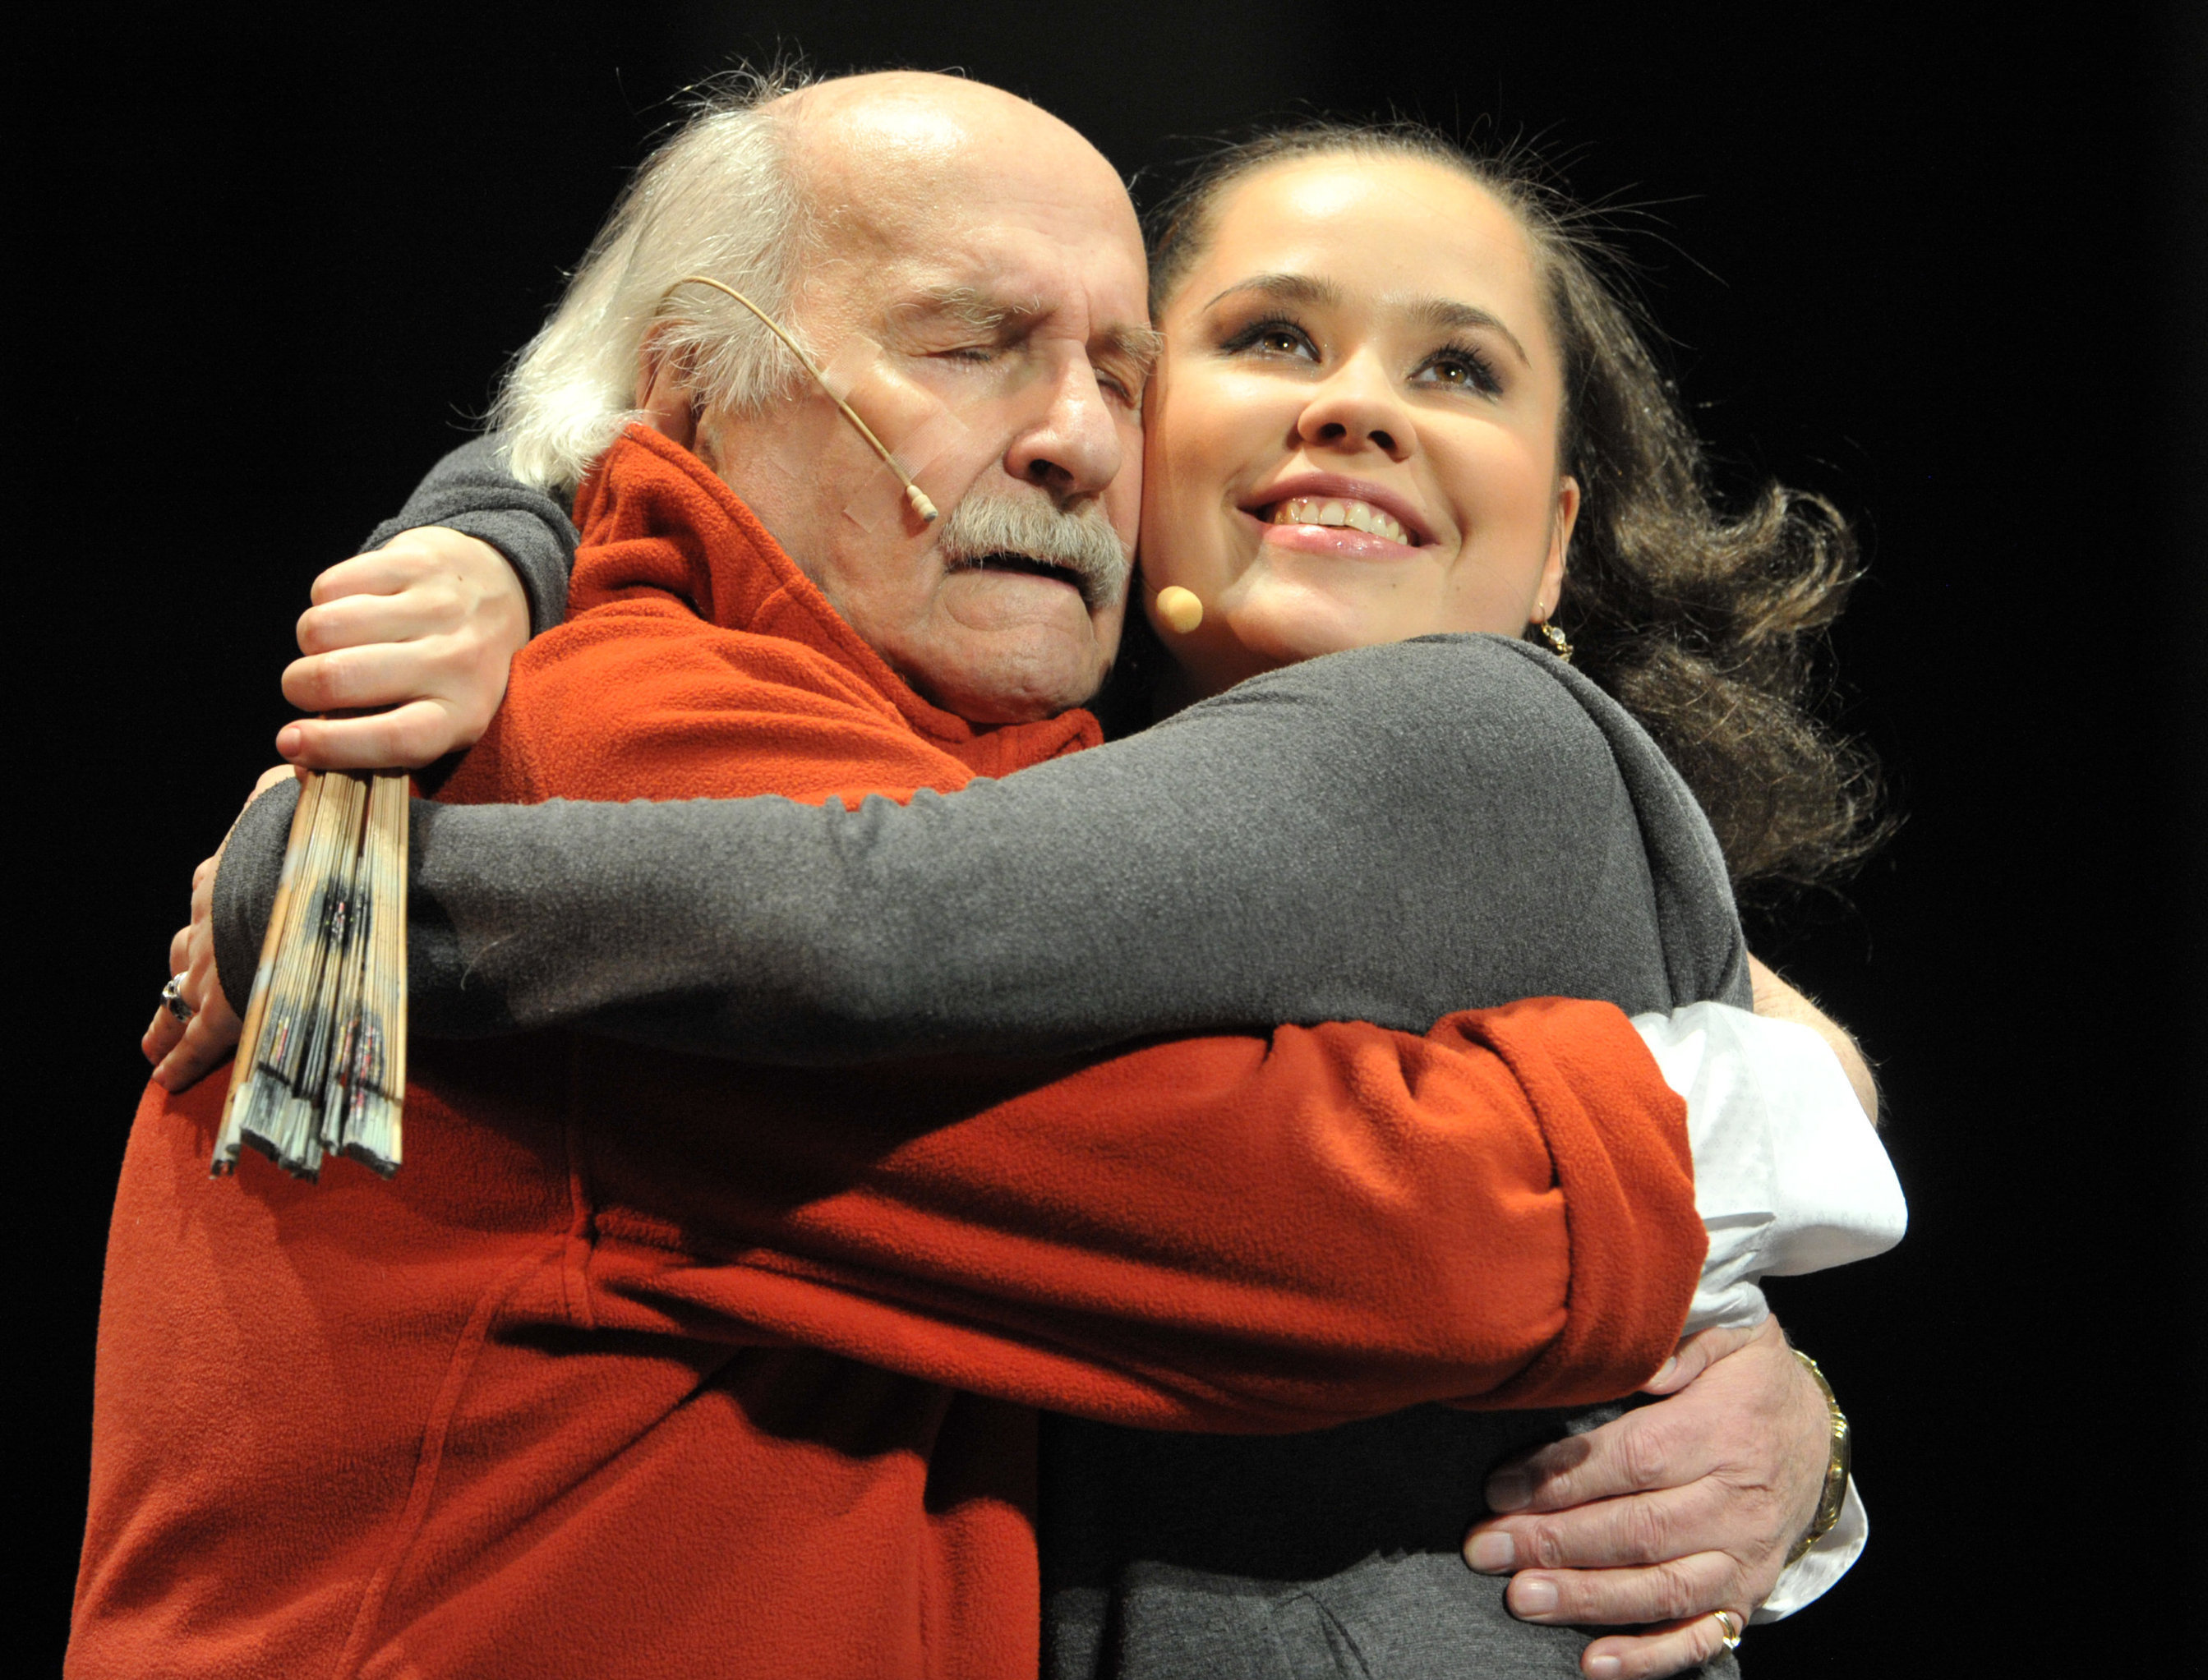 Vladímir Zeldin en el espectáculo biográfico Baile con el maestro